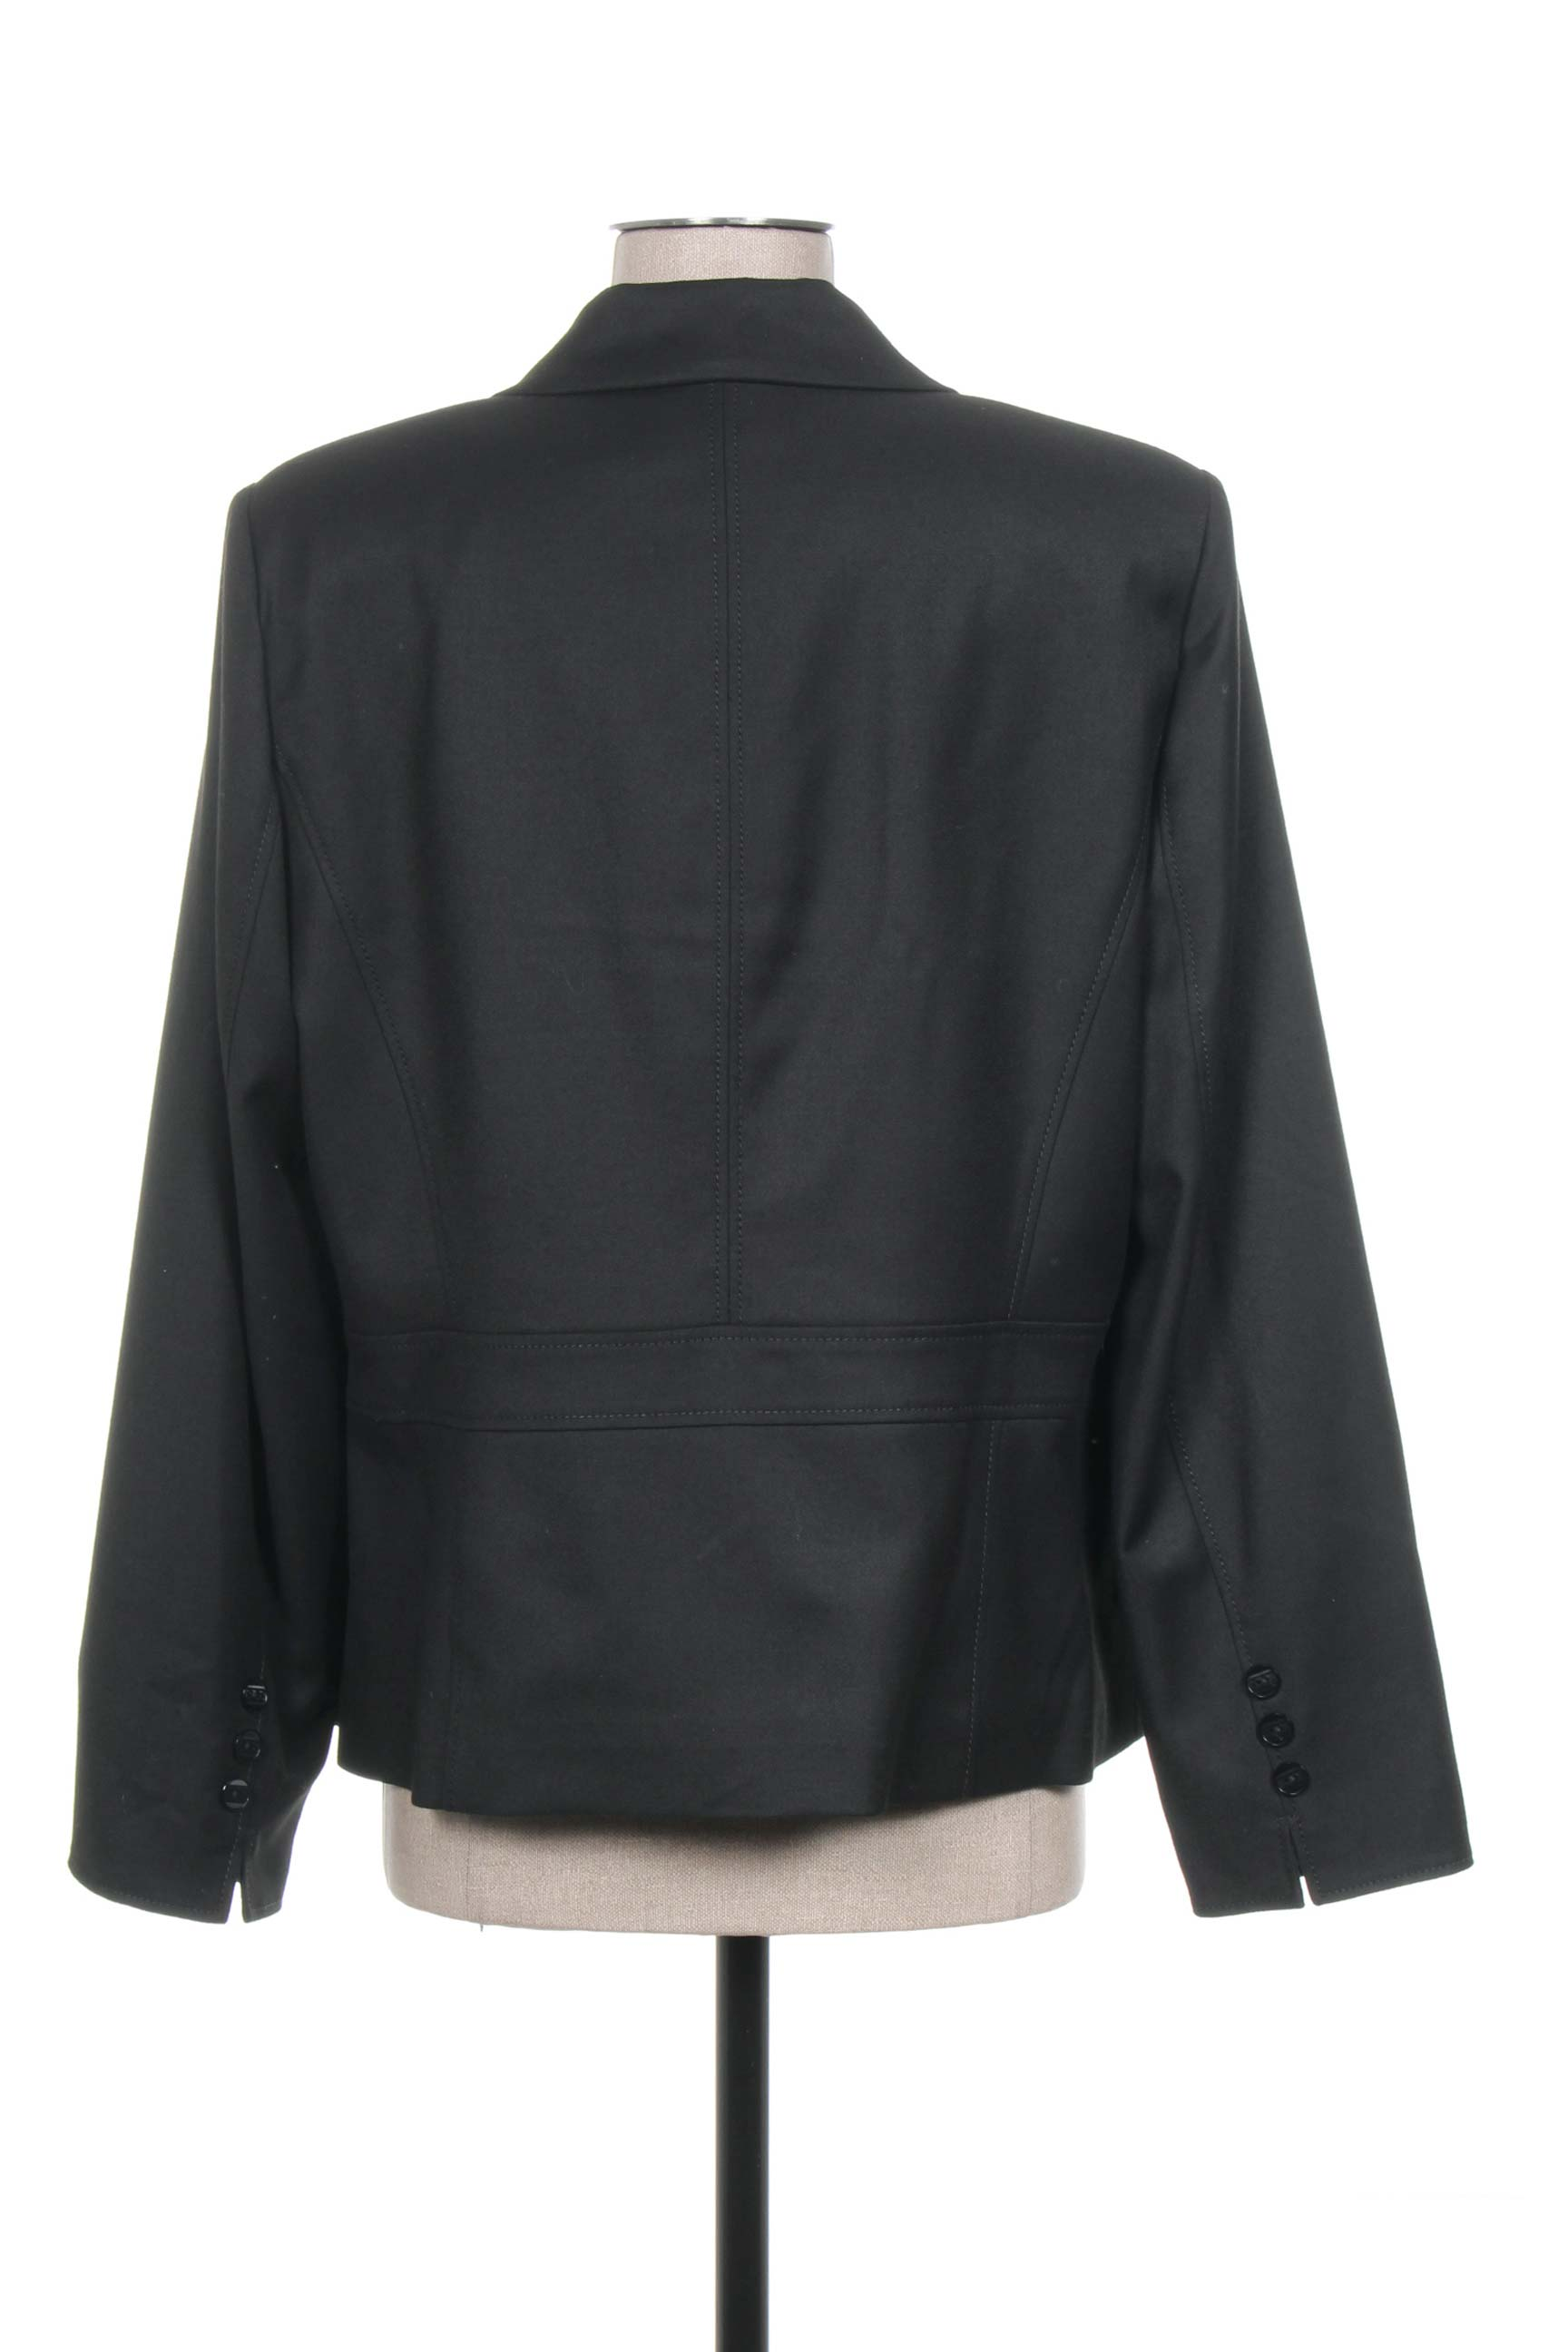 Pauporte Vestecasual Femme De Couleur Noir En Soldes Pas Cher 1184203-noir00